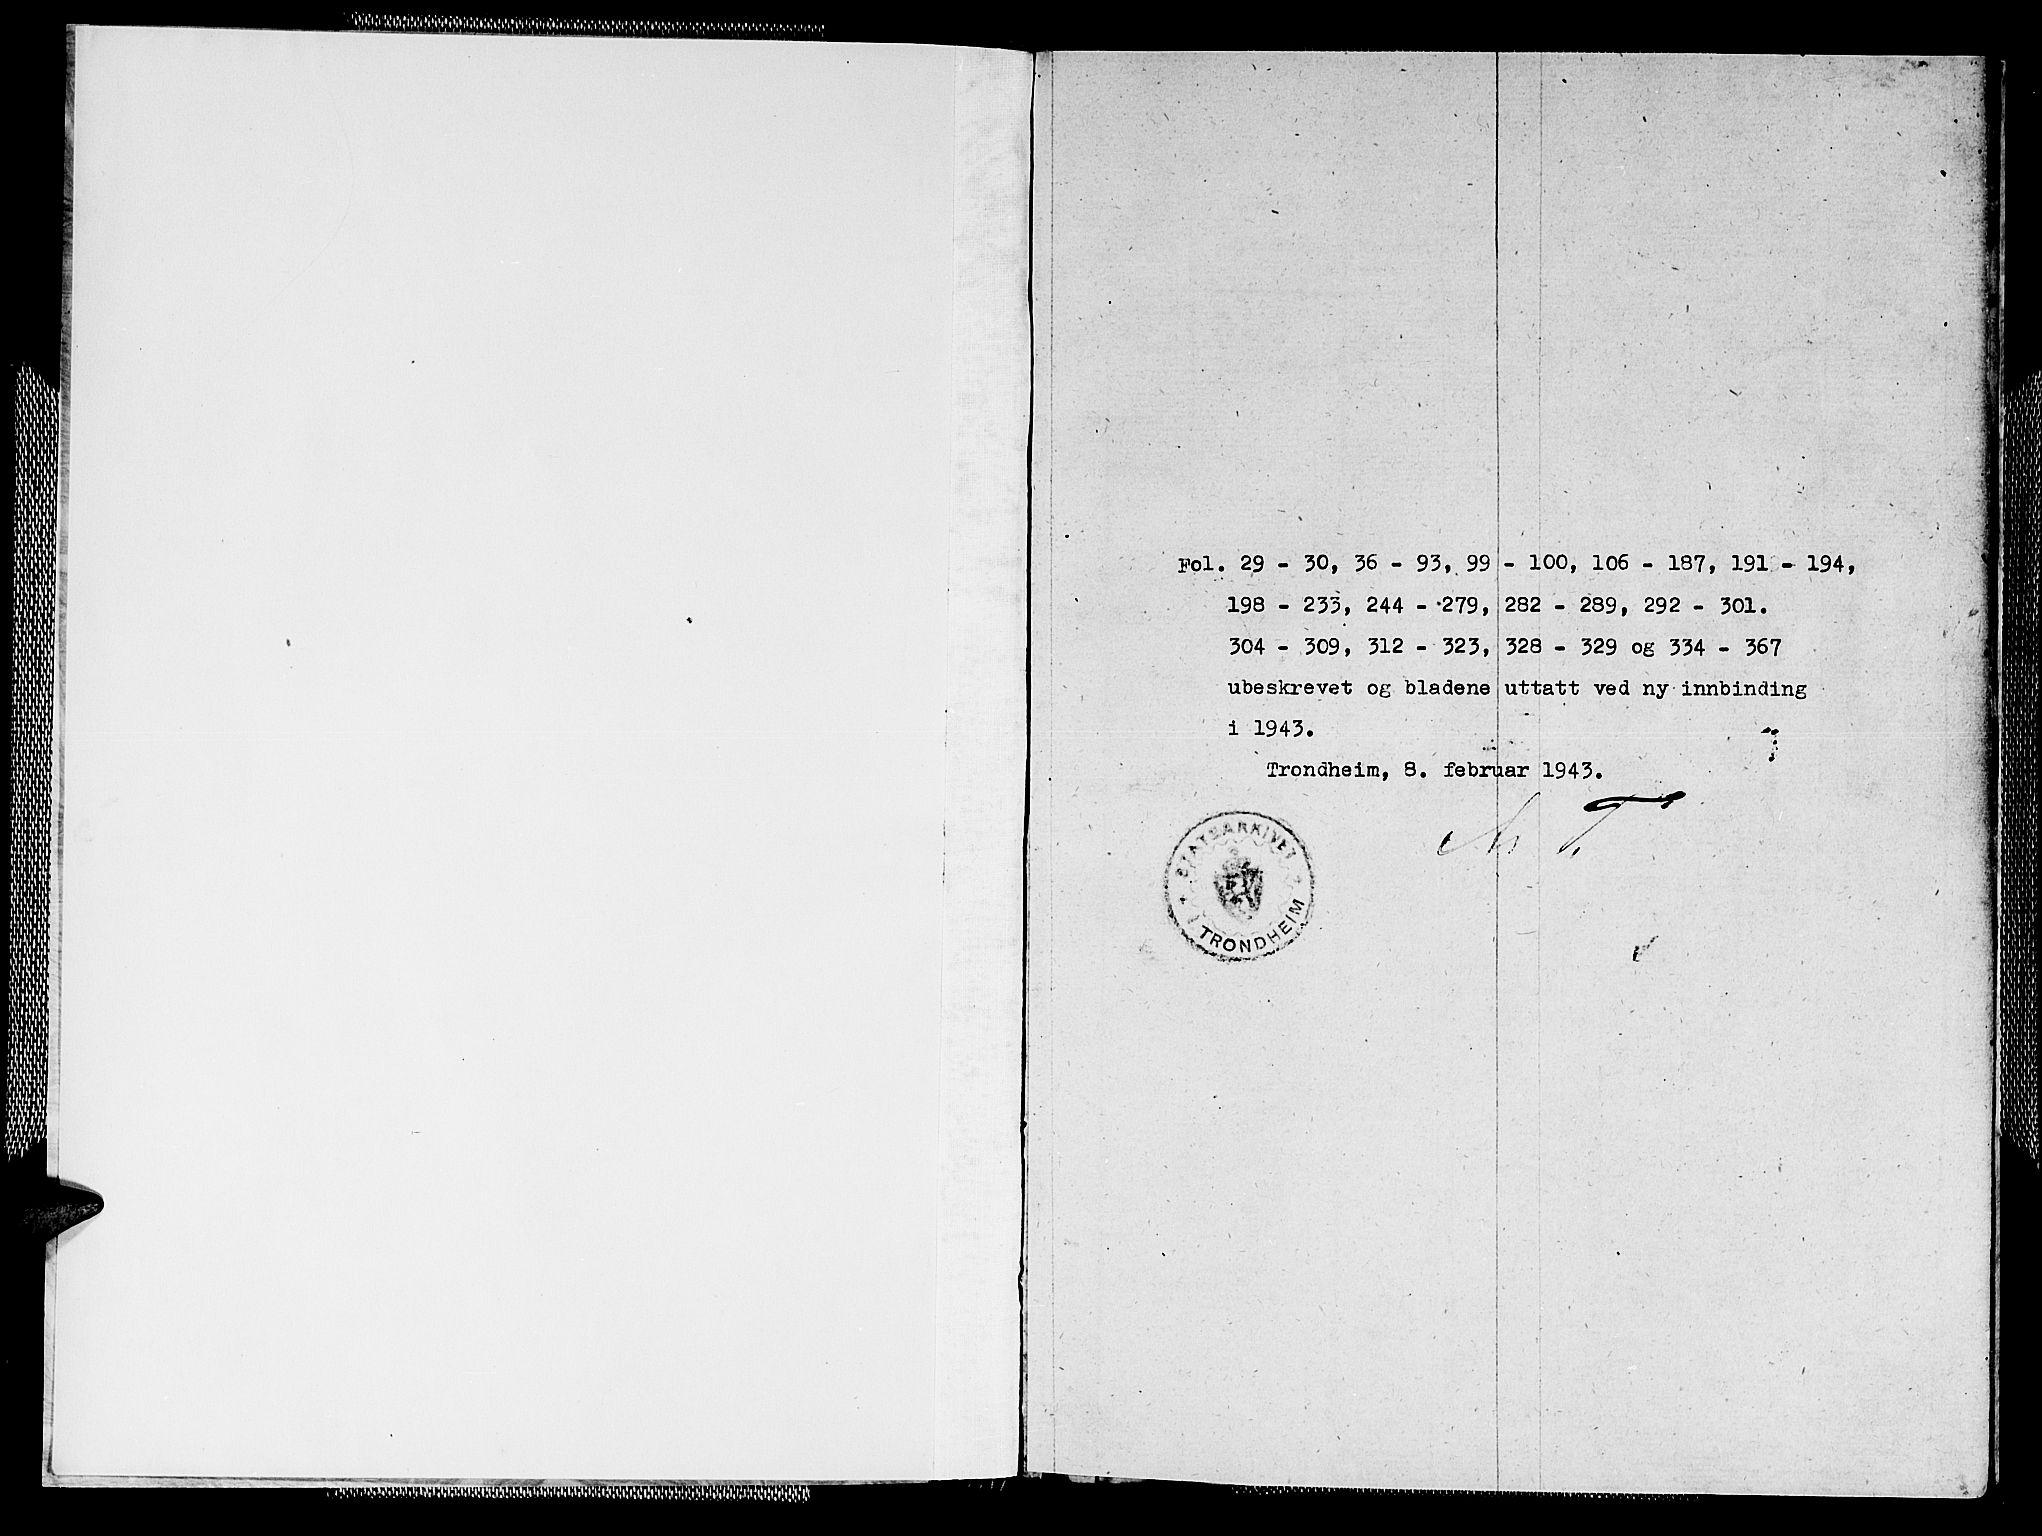 SAT, Ministerialprotokoller, klokkerbøker og fødselsregistre - Sør-Trøndelag, 608/L0336: Klokkerbok nr. 608C02, 1817-1827